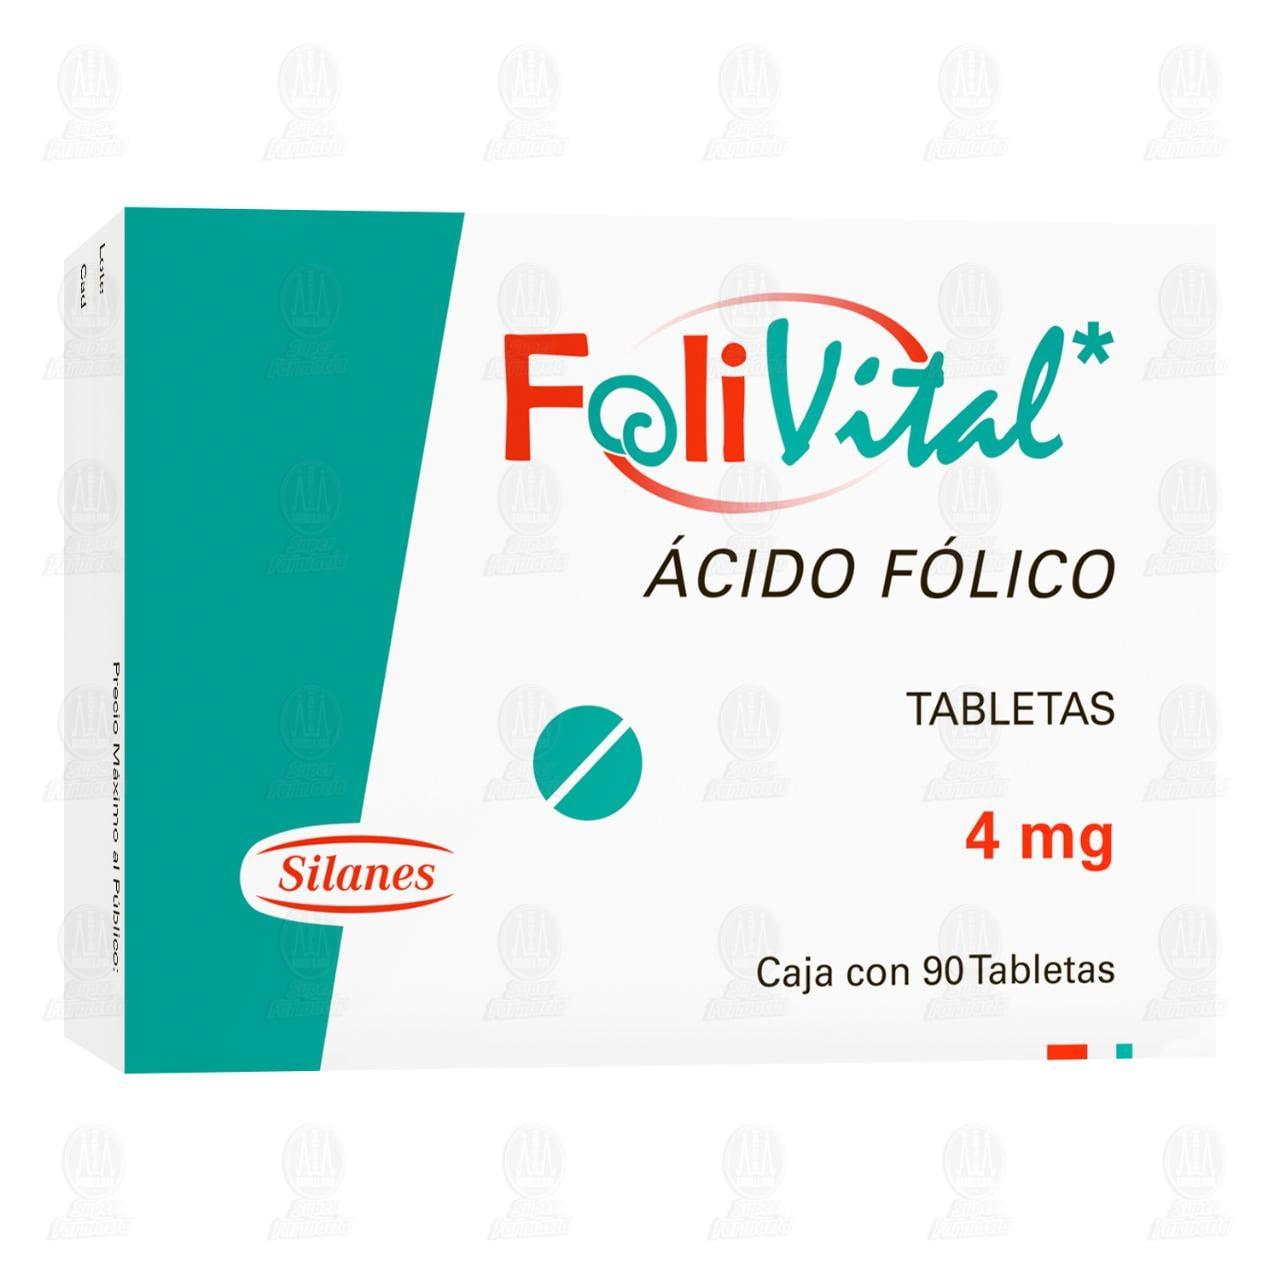 Folivital 4mg 90 Tabletas